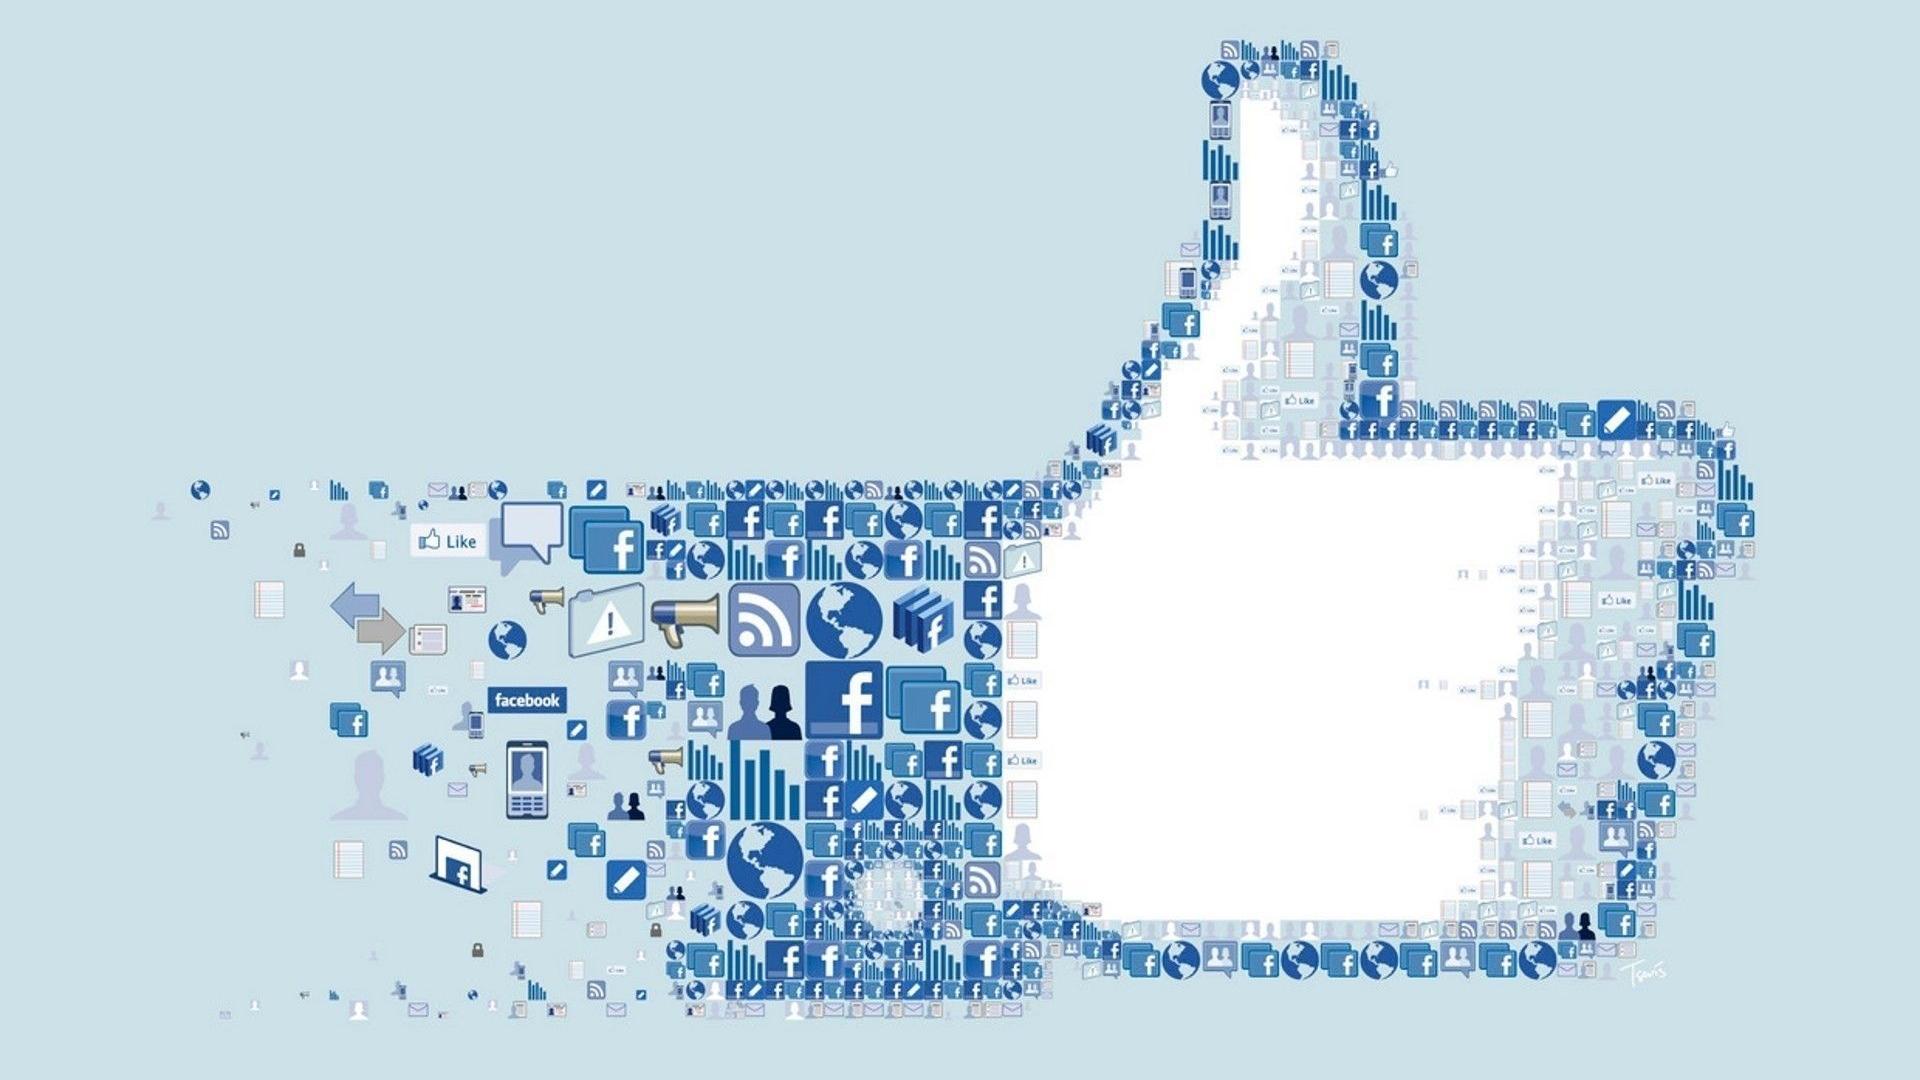 Hoe lang zit jij al op Facebook?